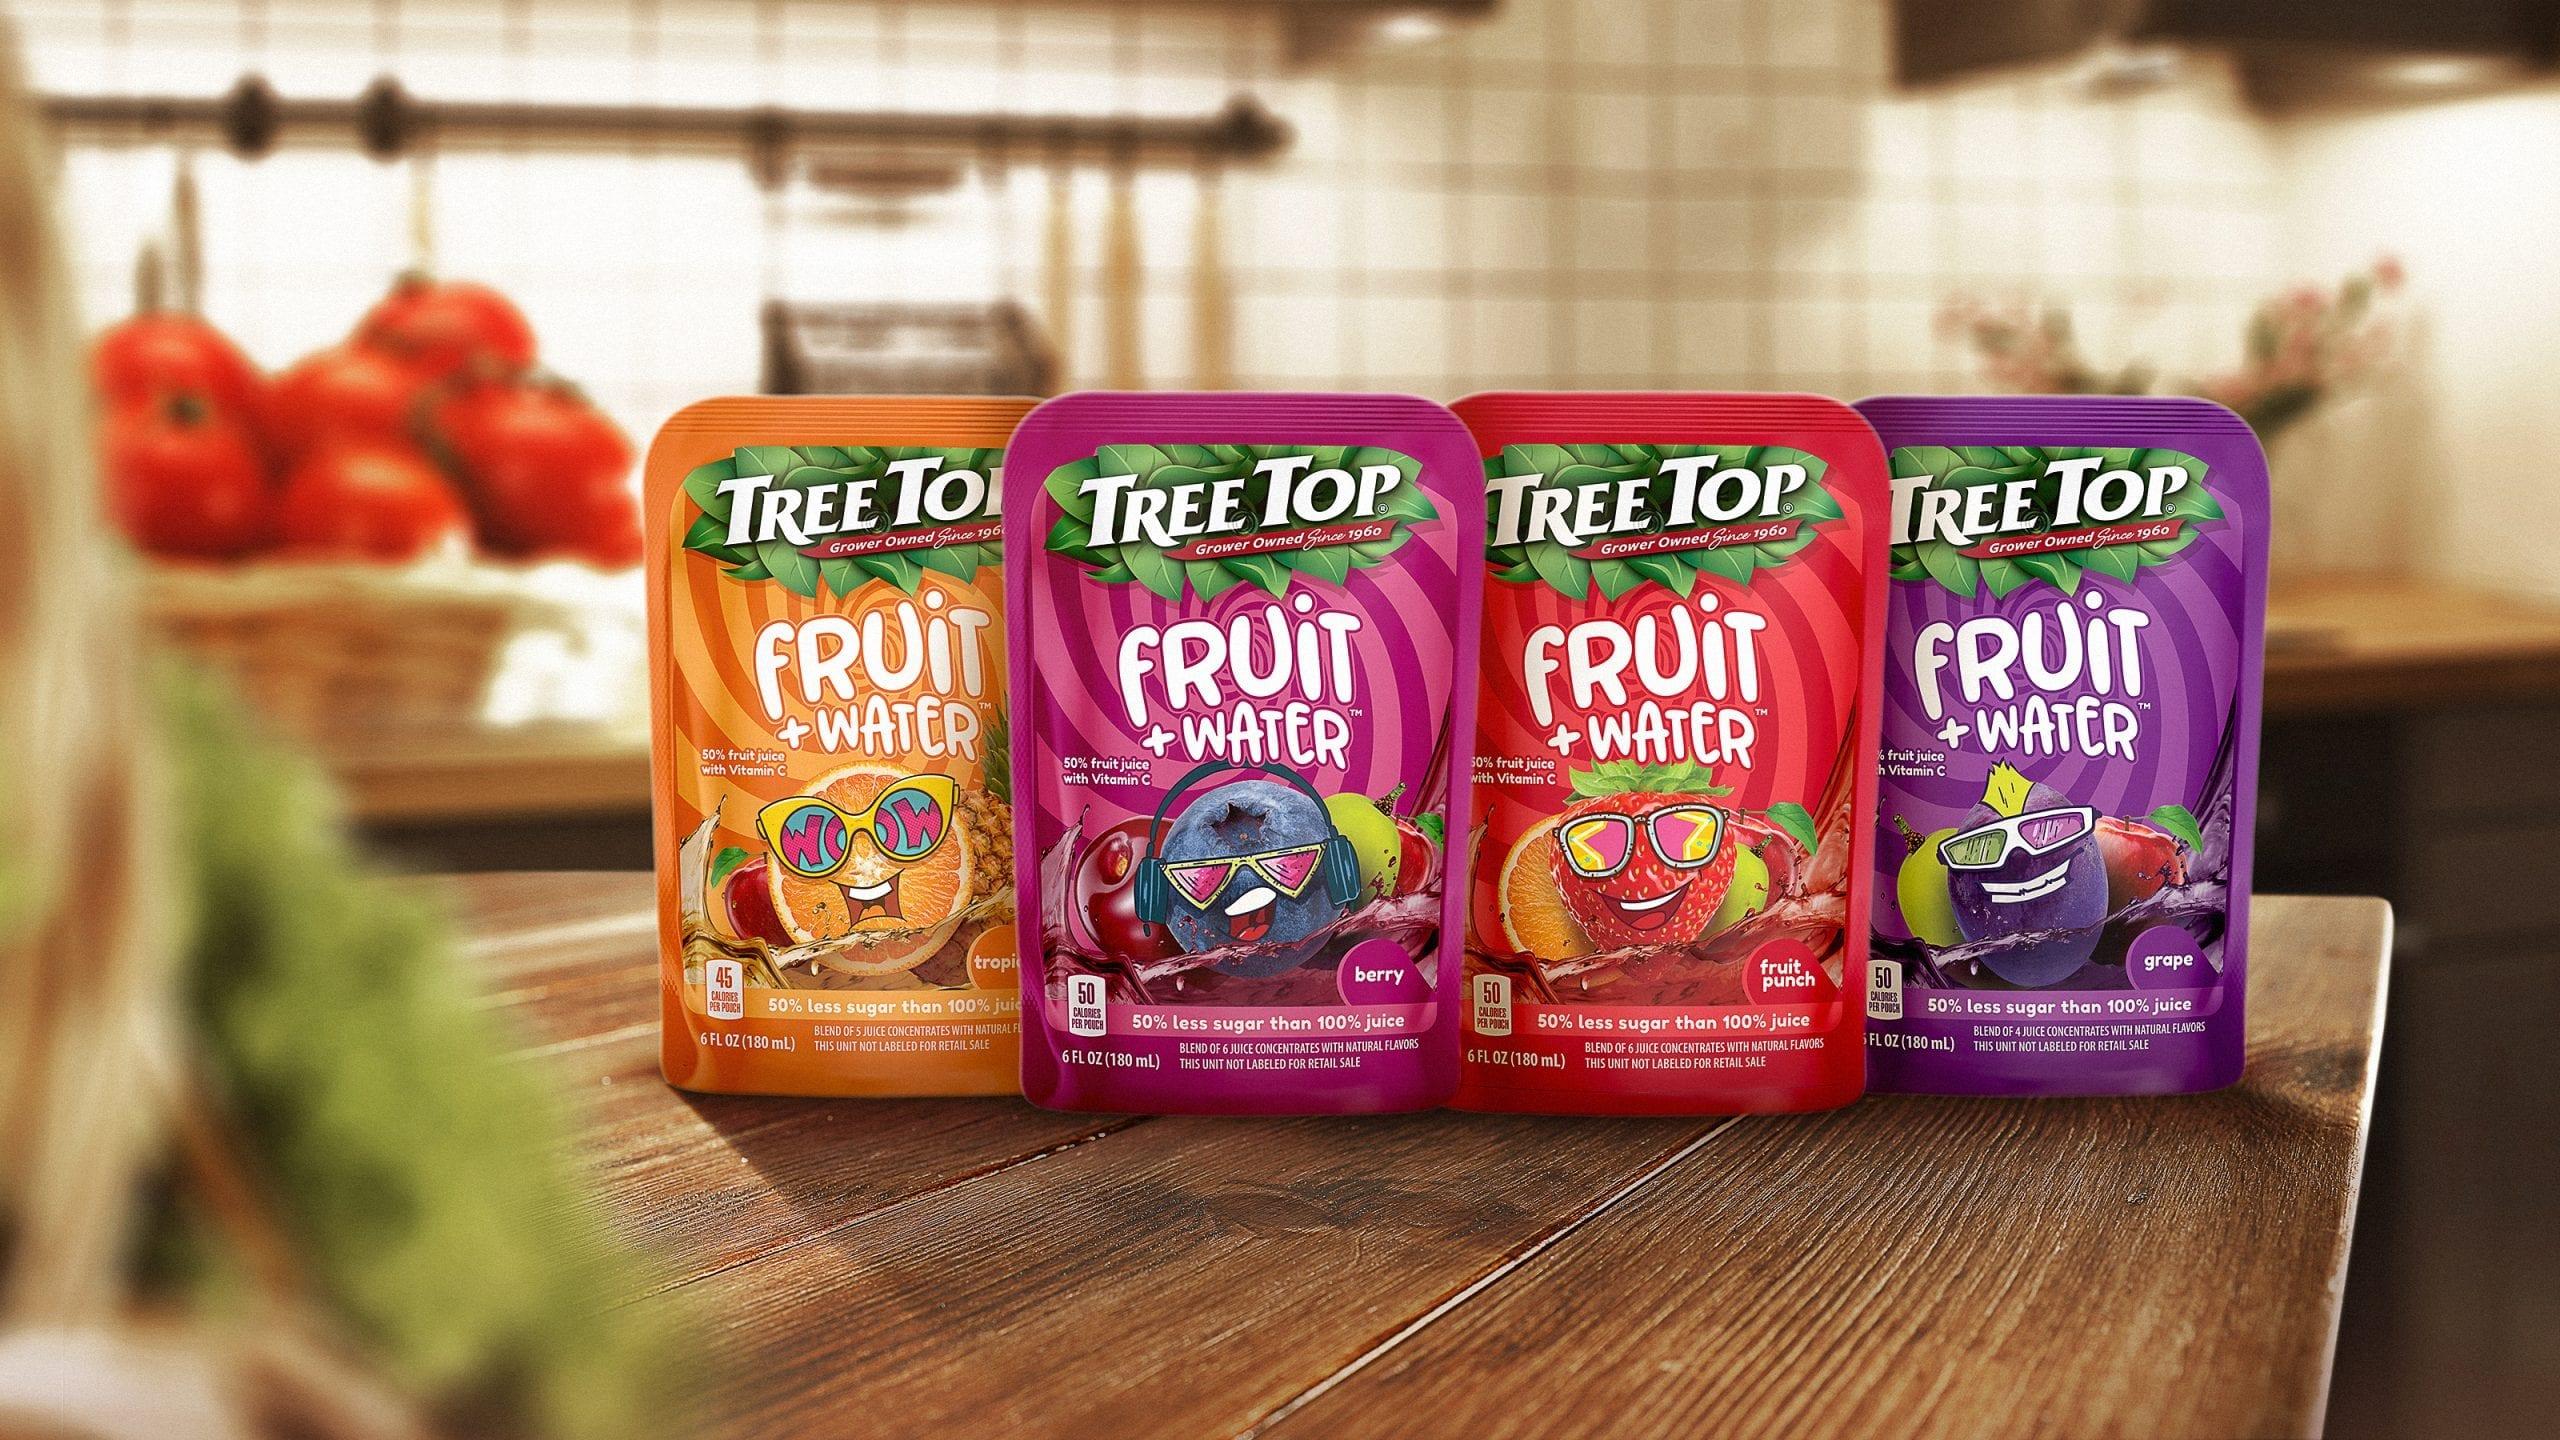 treetop fruit water branding